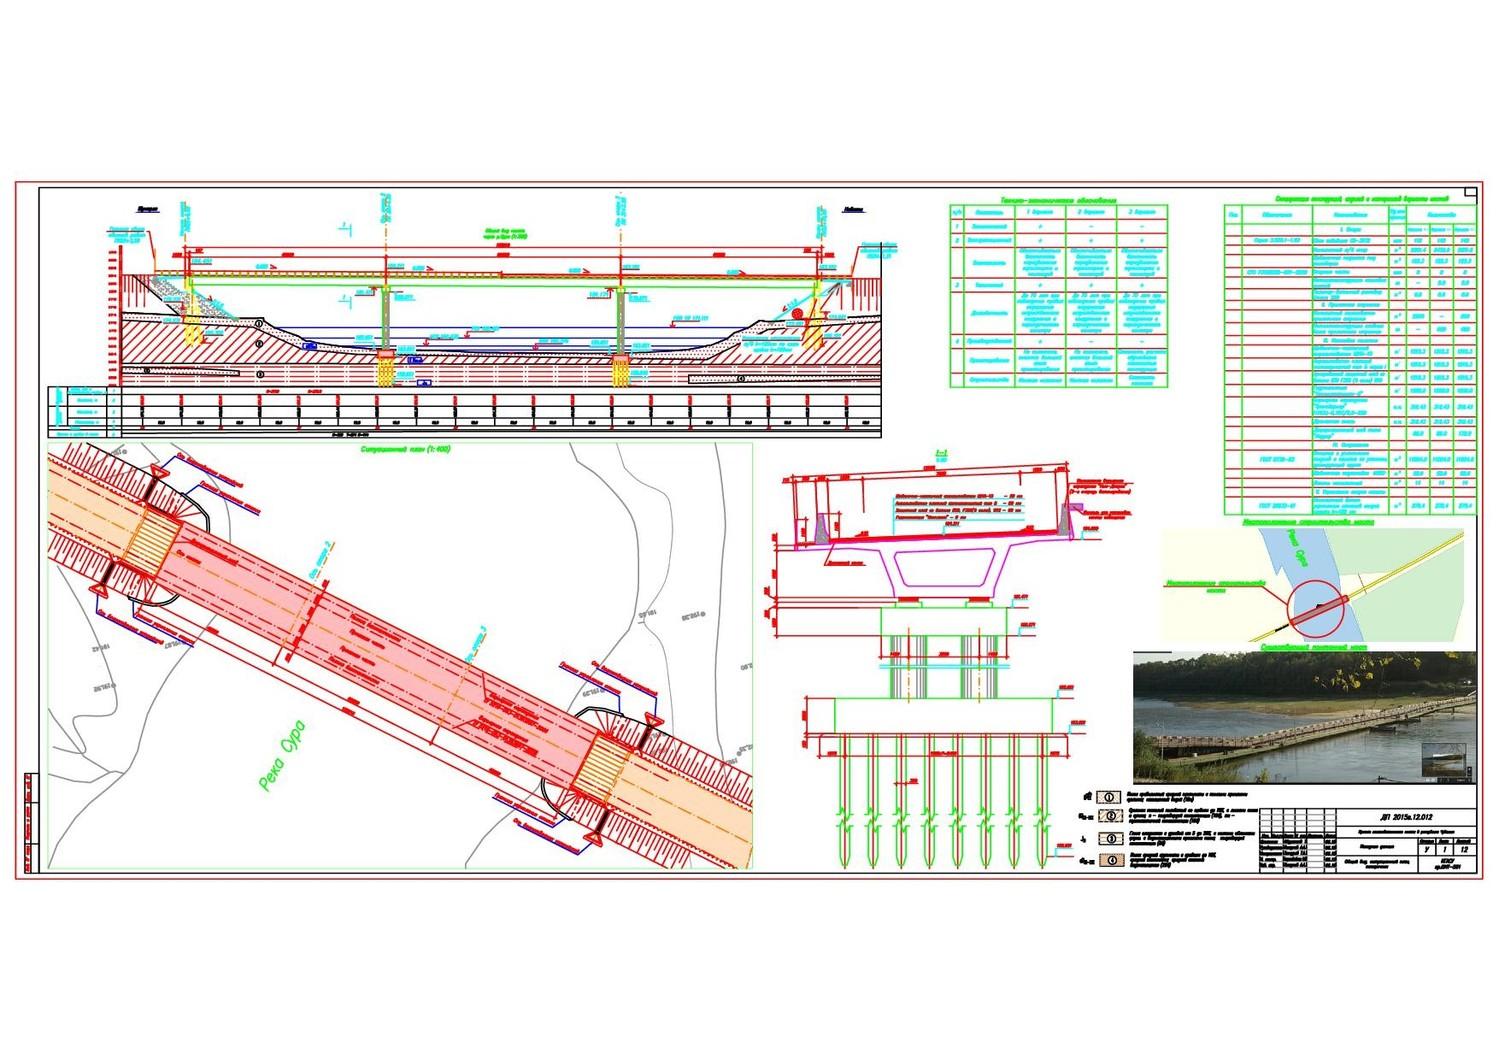 Чертежи бесплатно без регистрации Дипломный проект железобетонного моста